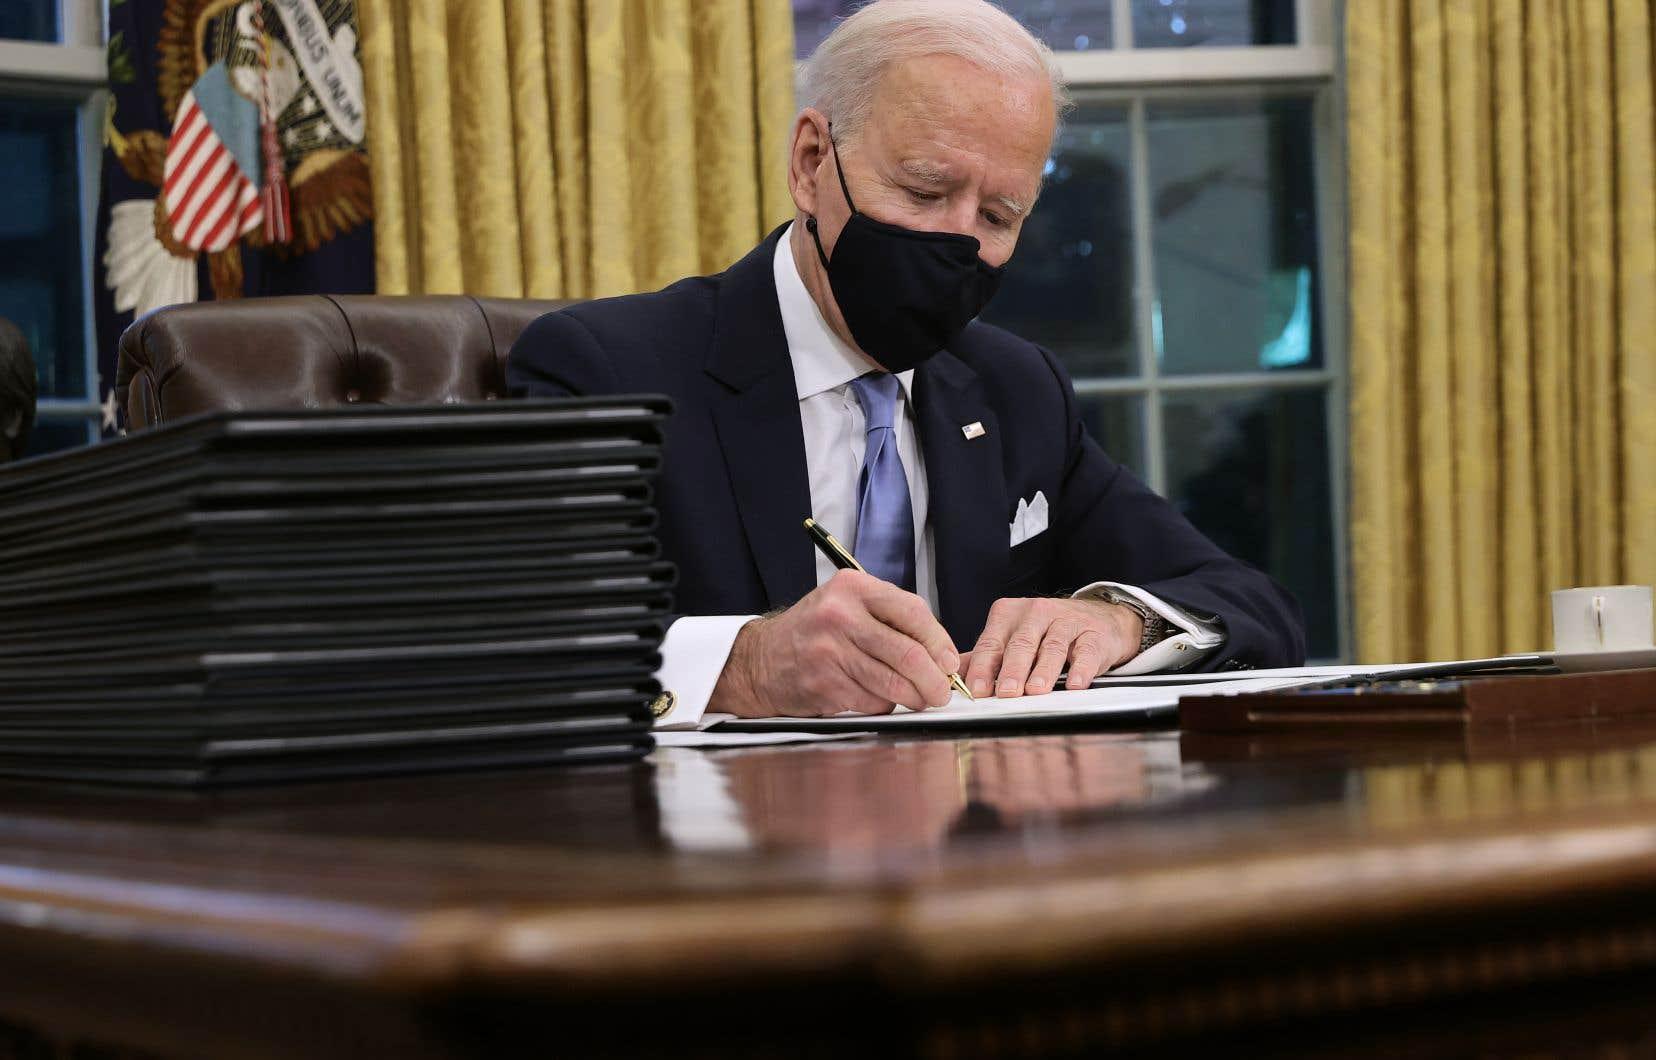 Le président américain, Joe Biden, a signé mercredi, quelques heures seulement après sa prise de fonction, une série de décretsdepuis le Bureau ovale.